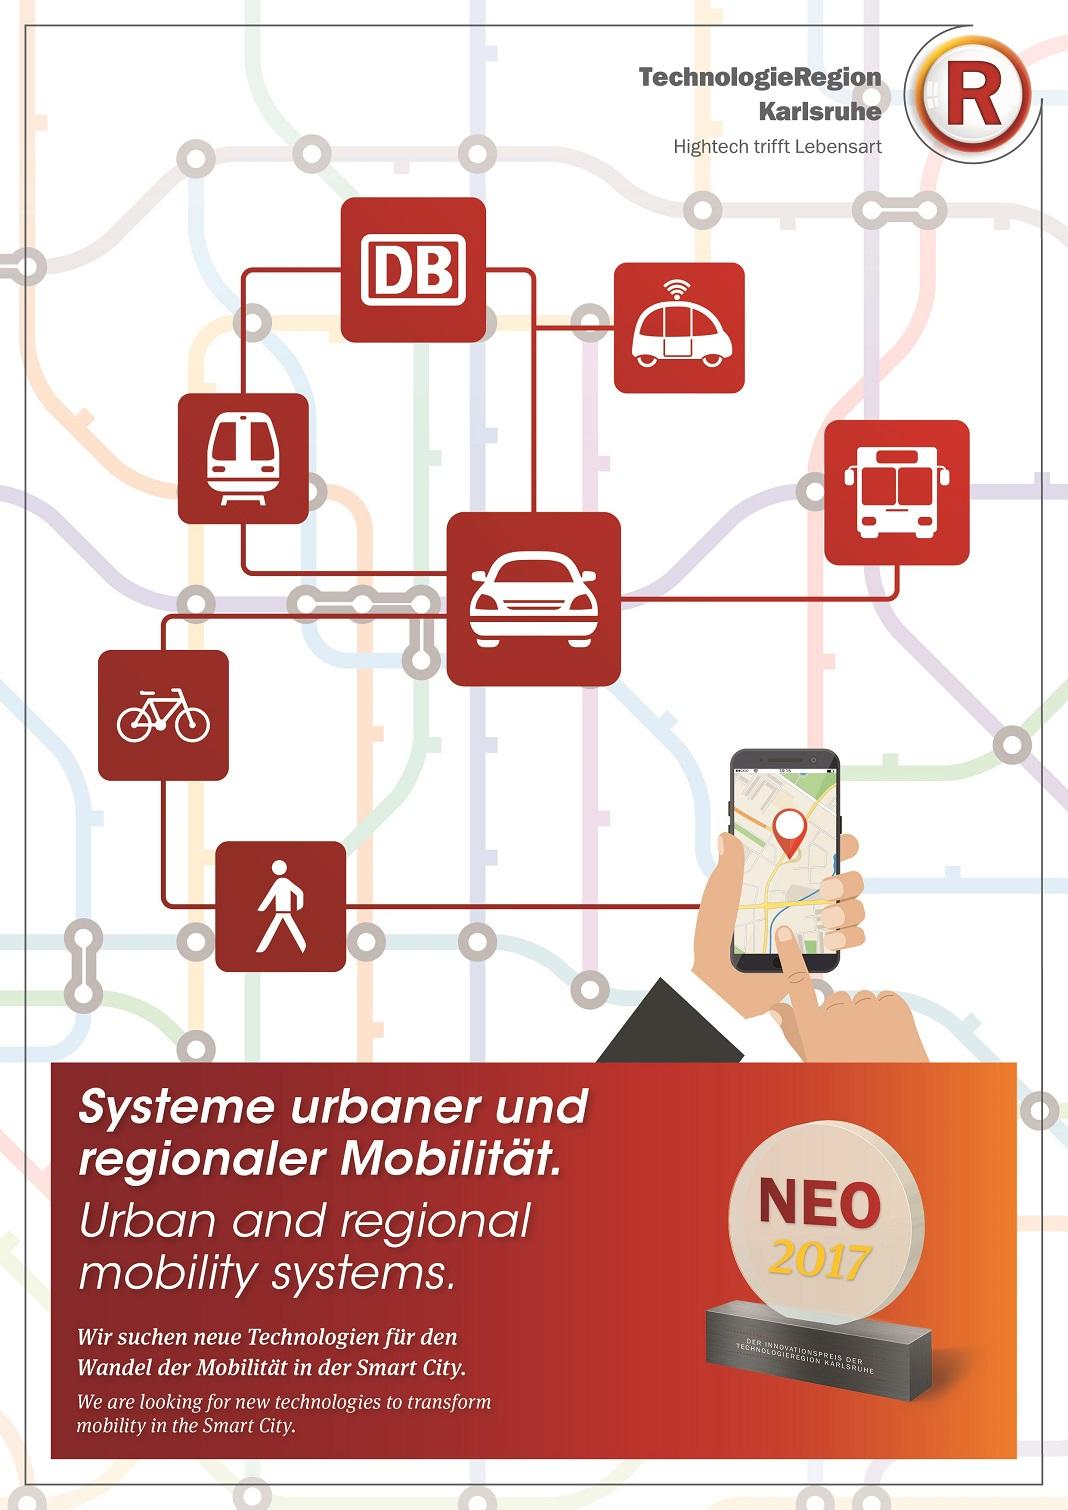 24ee32bacf9 Immer mehr Menschen leben und arbeiten in Städten und der Verkehr  kollabiert, weil Autos mit Verbrennungsmotor für viele immer noch  alternativlos sind.